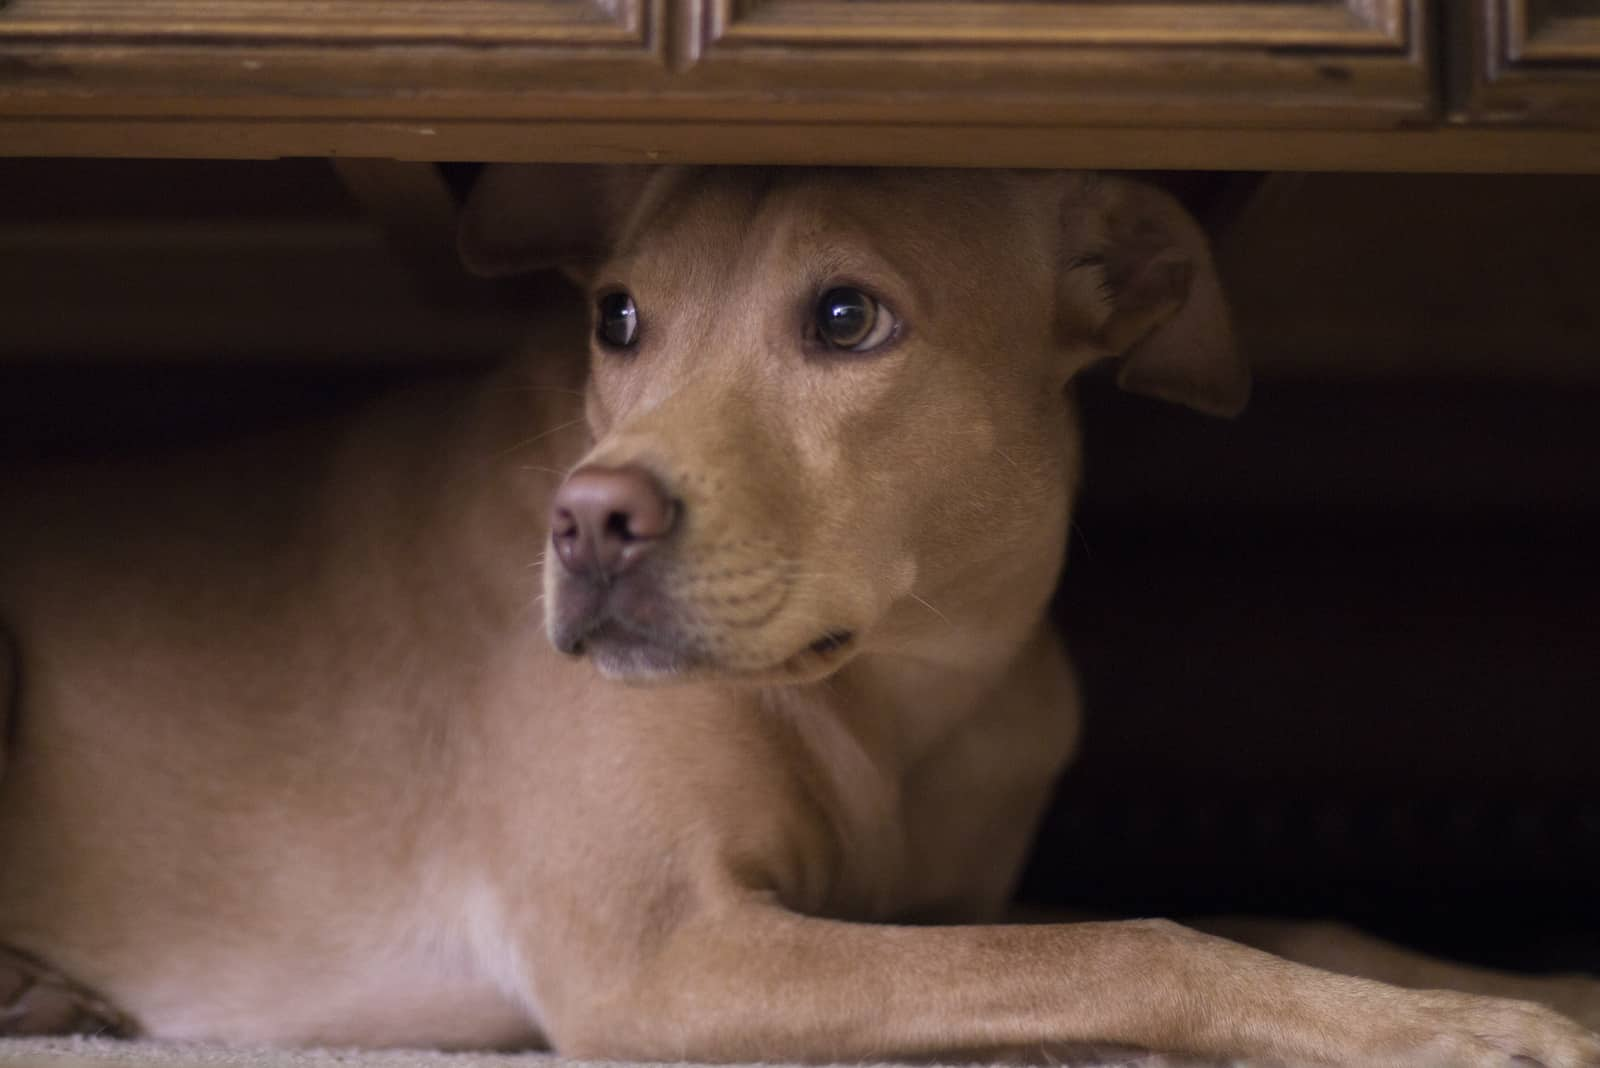 Hund versteckt sich unter dem Couchtisch vor Donner draußen